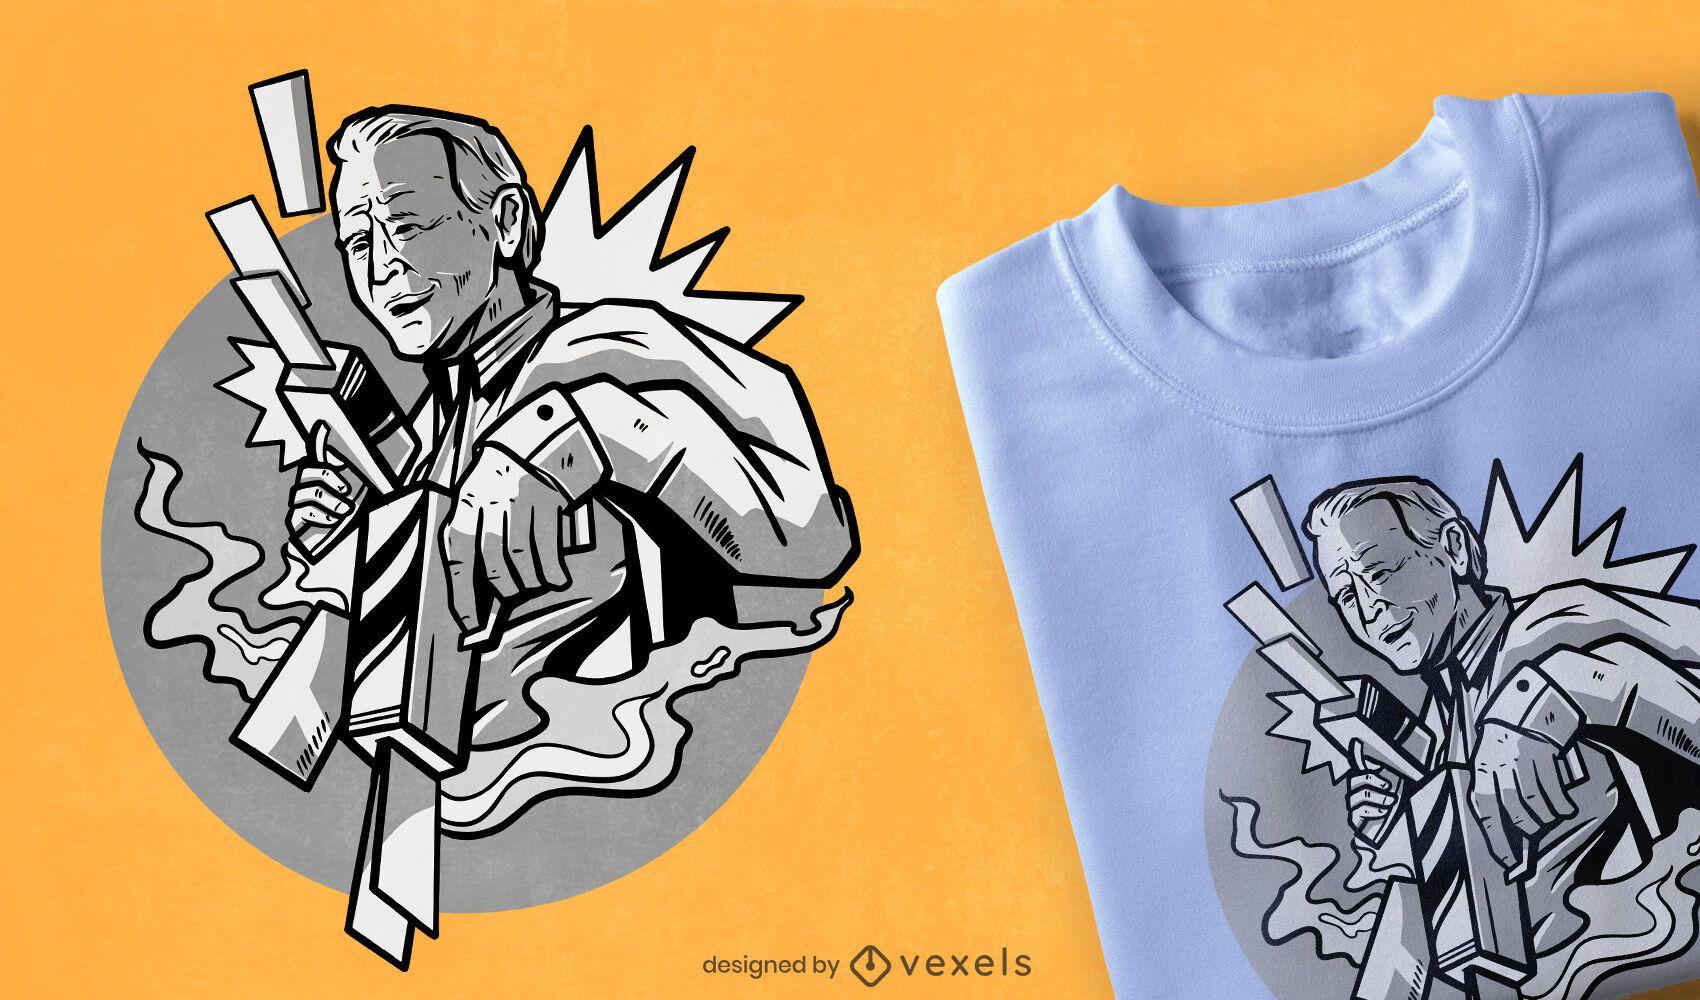 Biden money gun t-shirt design